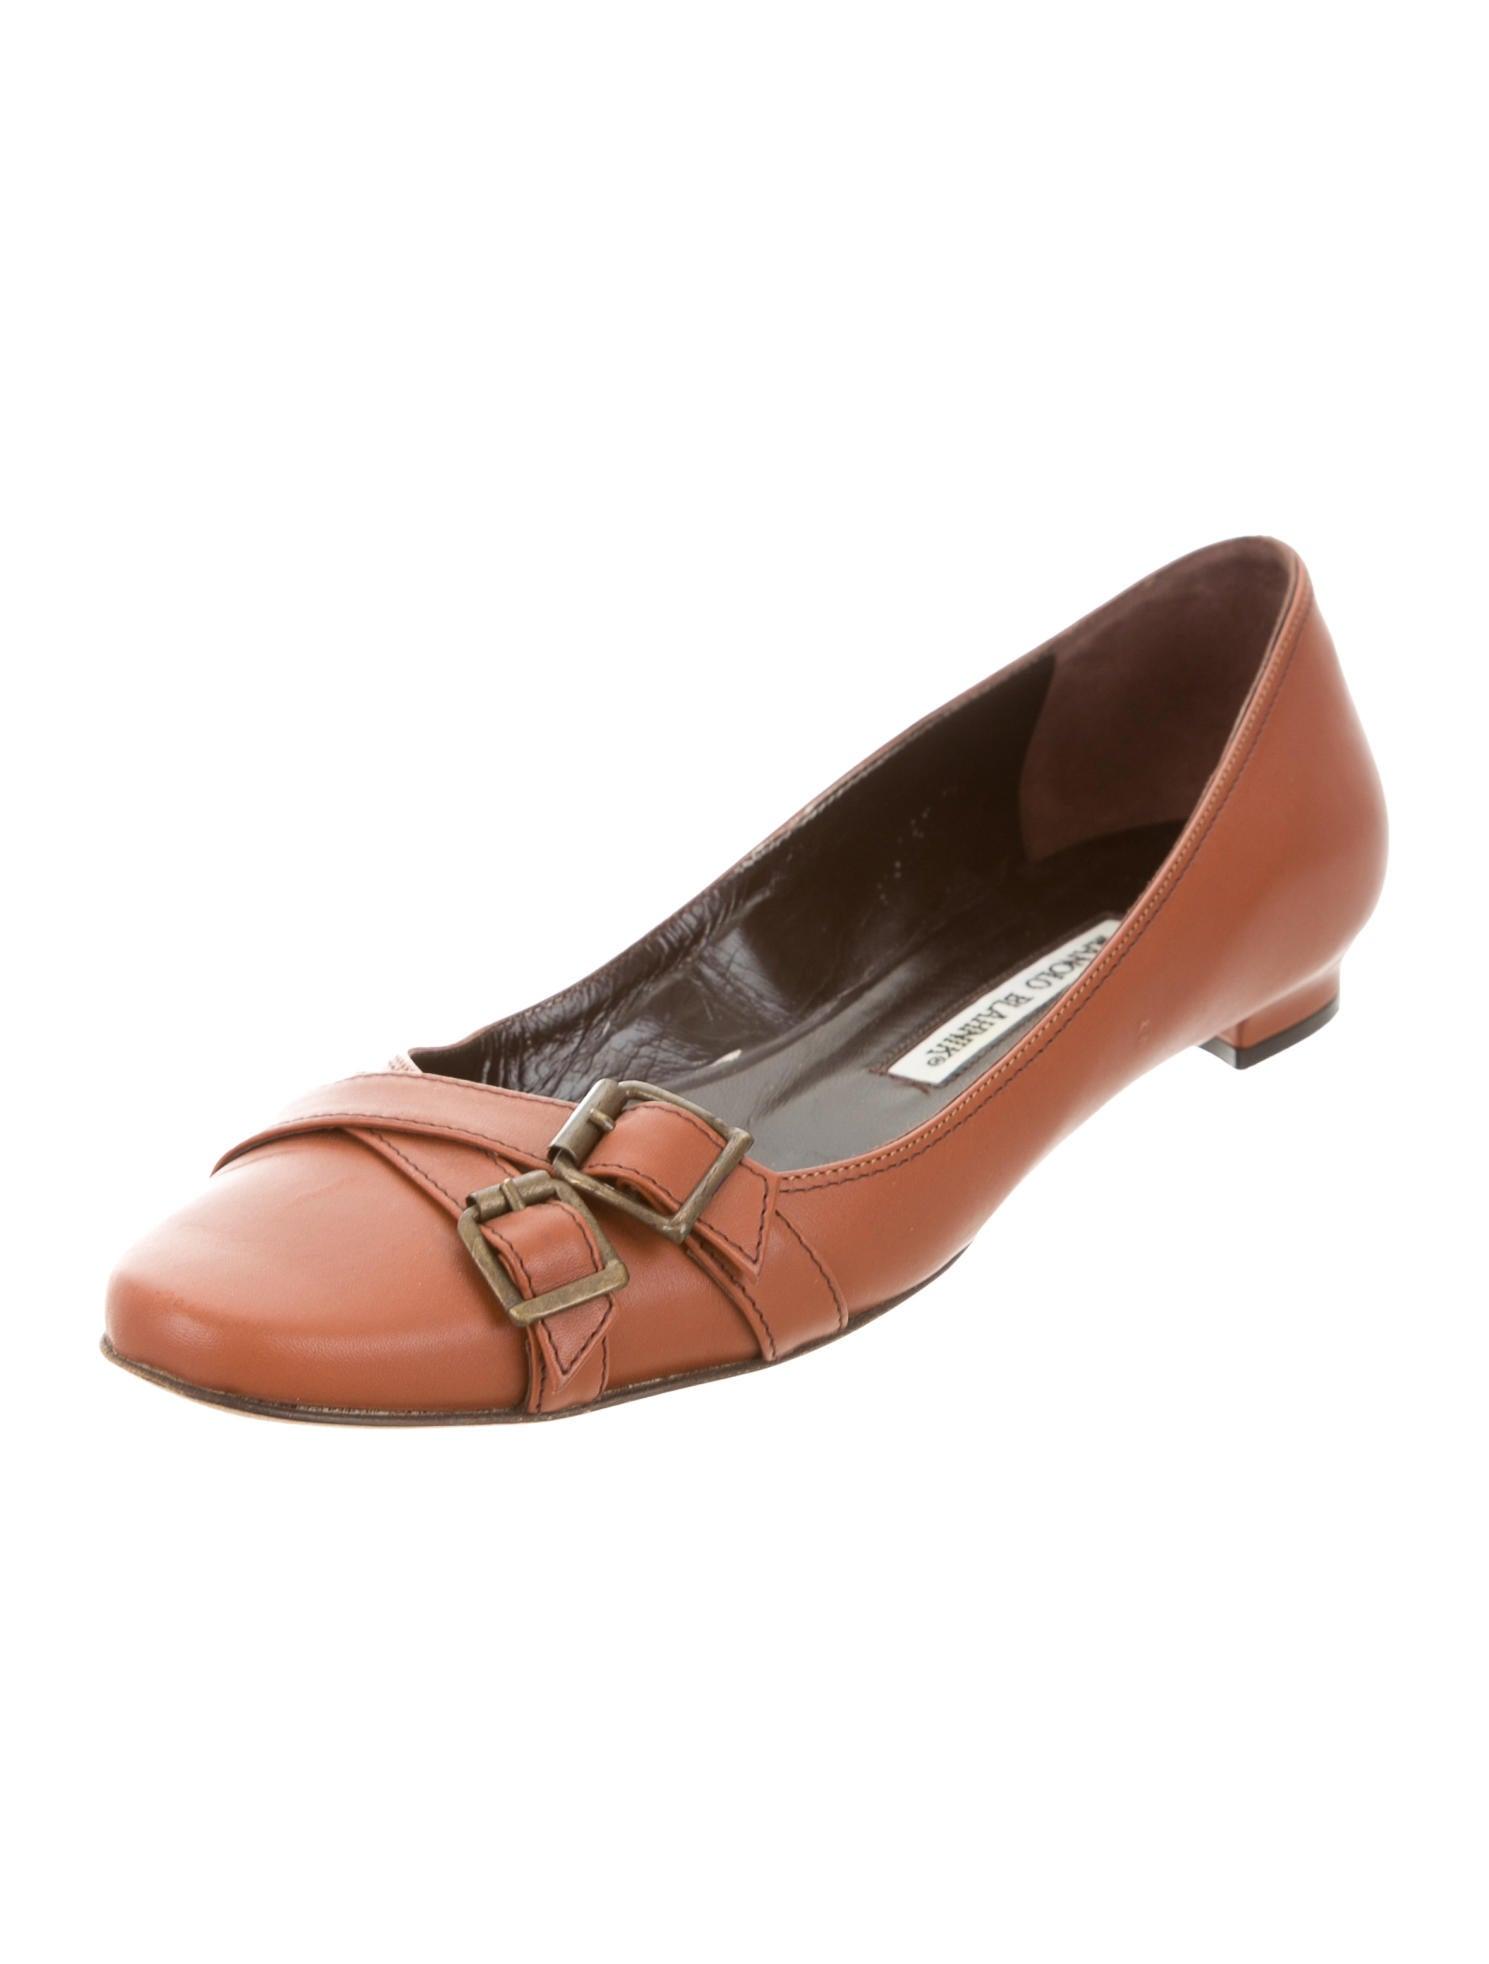 Moo Shoes Sale